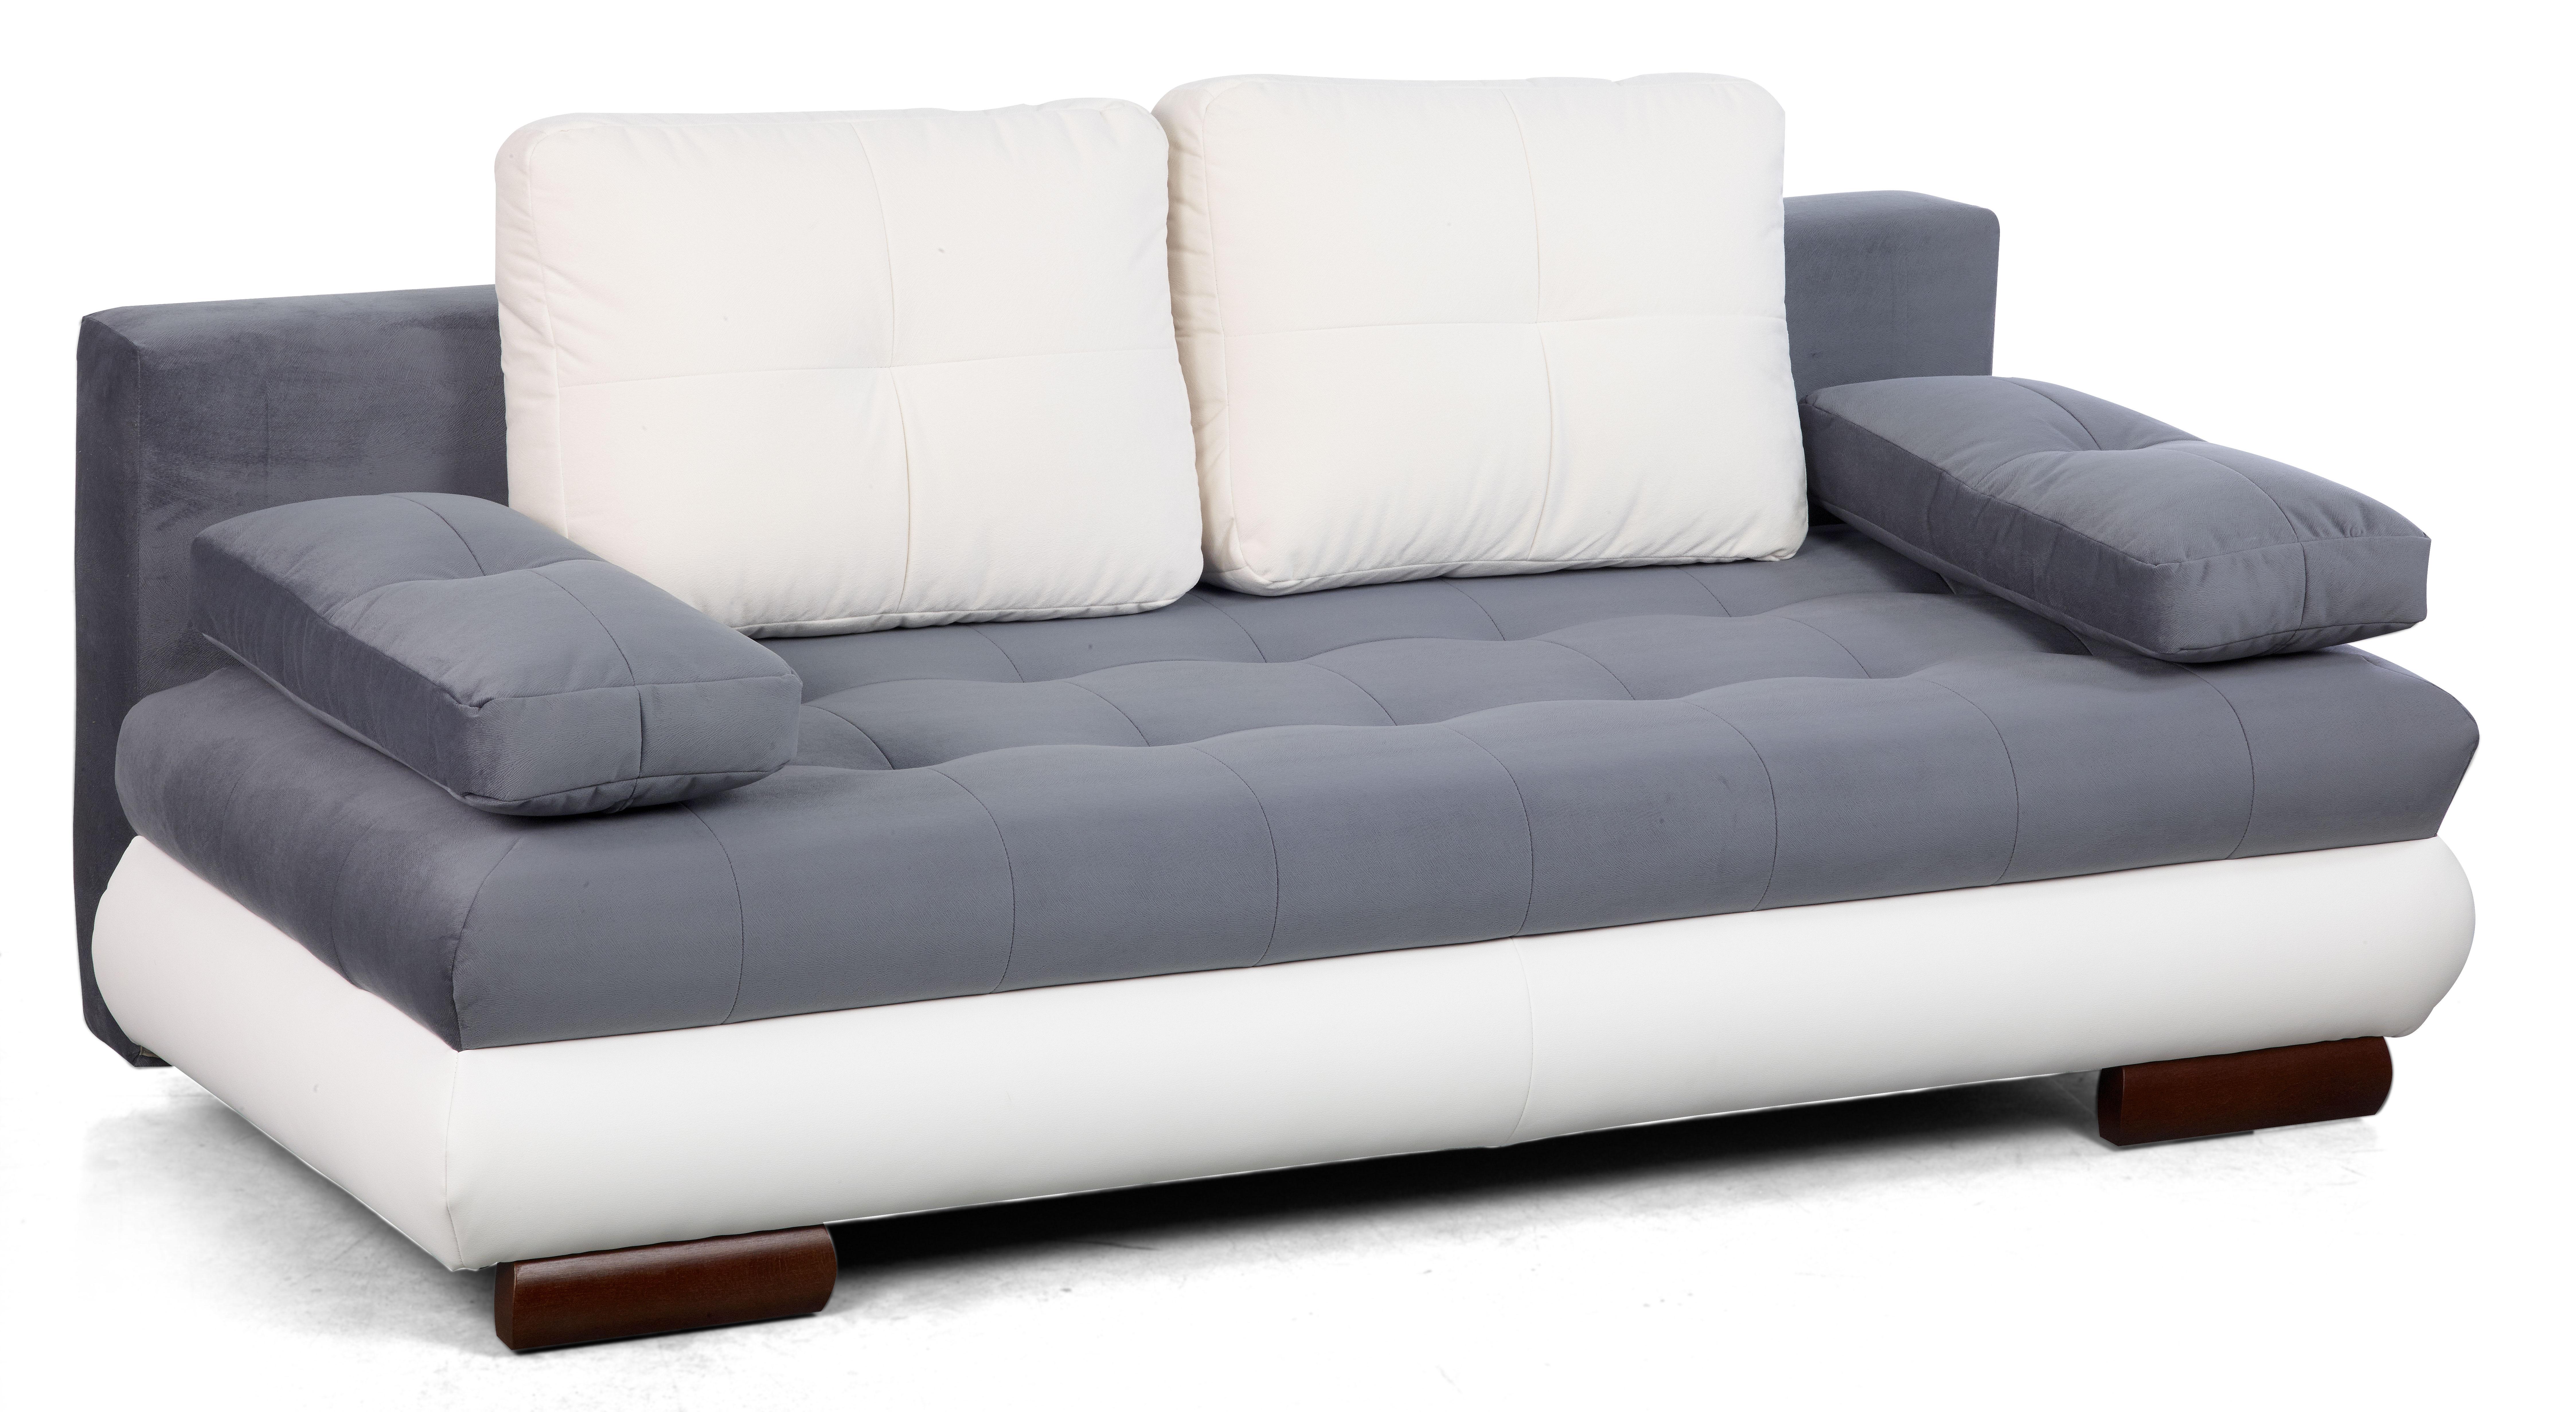 Canapea extensibila 3 locuri Luore Grey